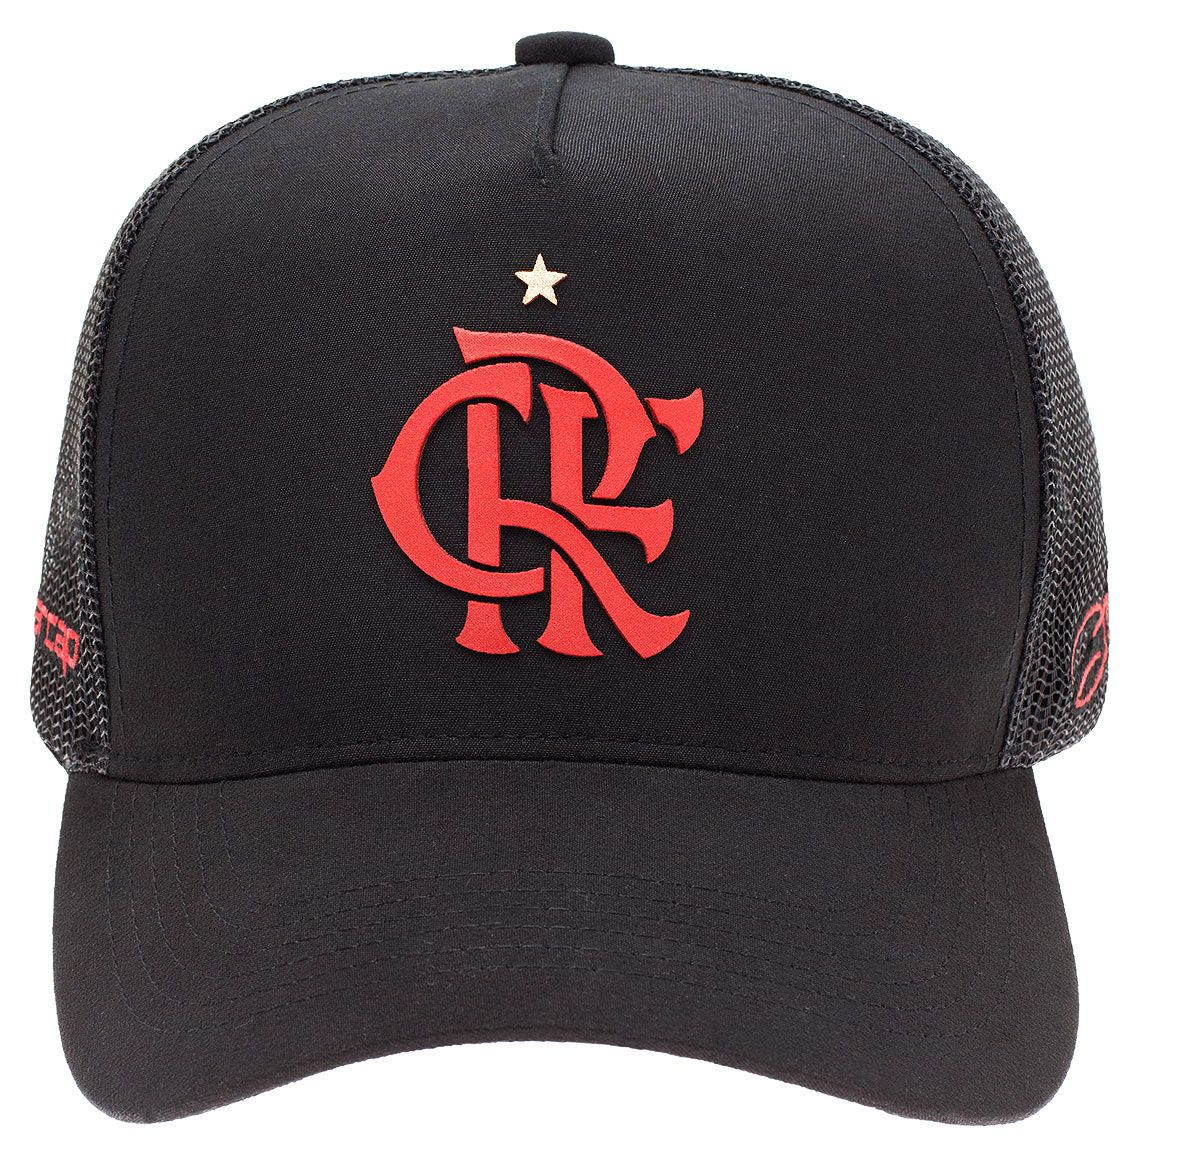 Boné Flamengo Zico Trucker CRF Aba Curva